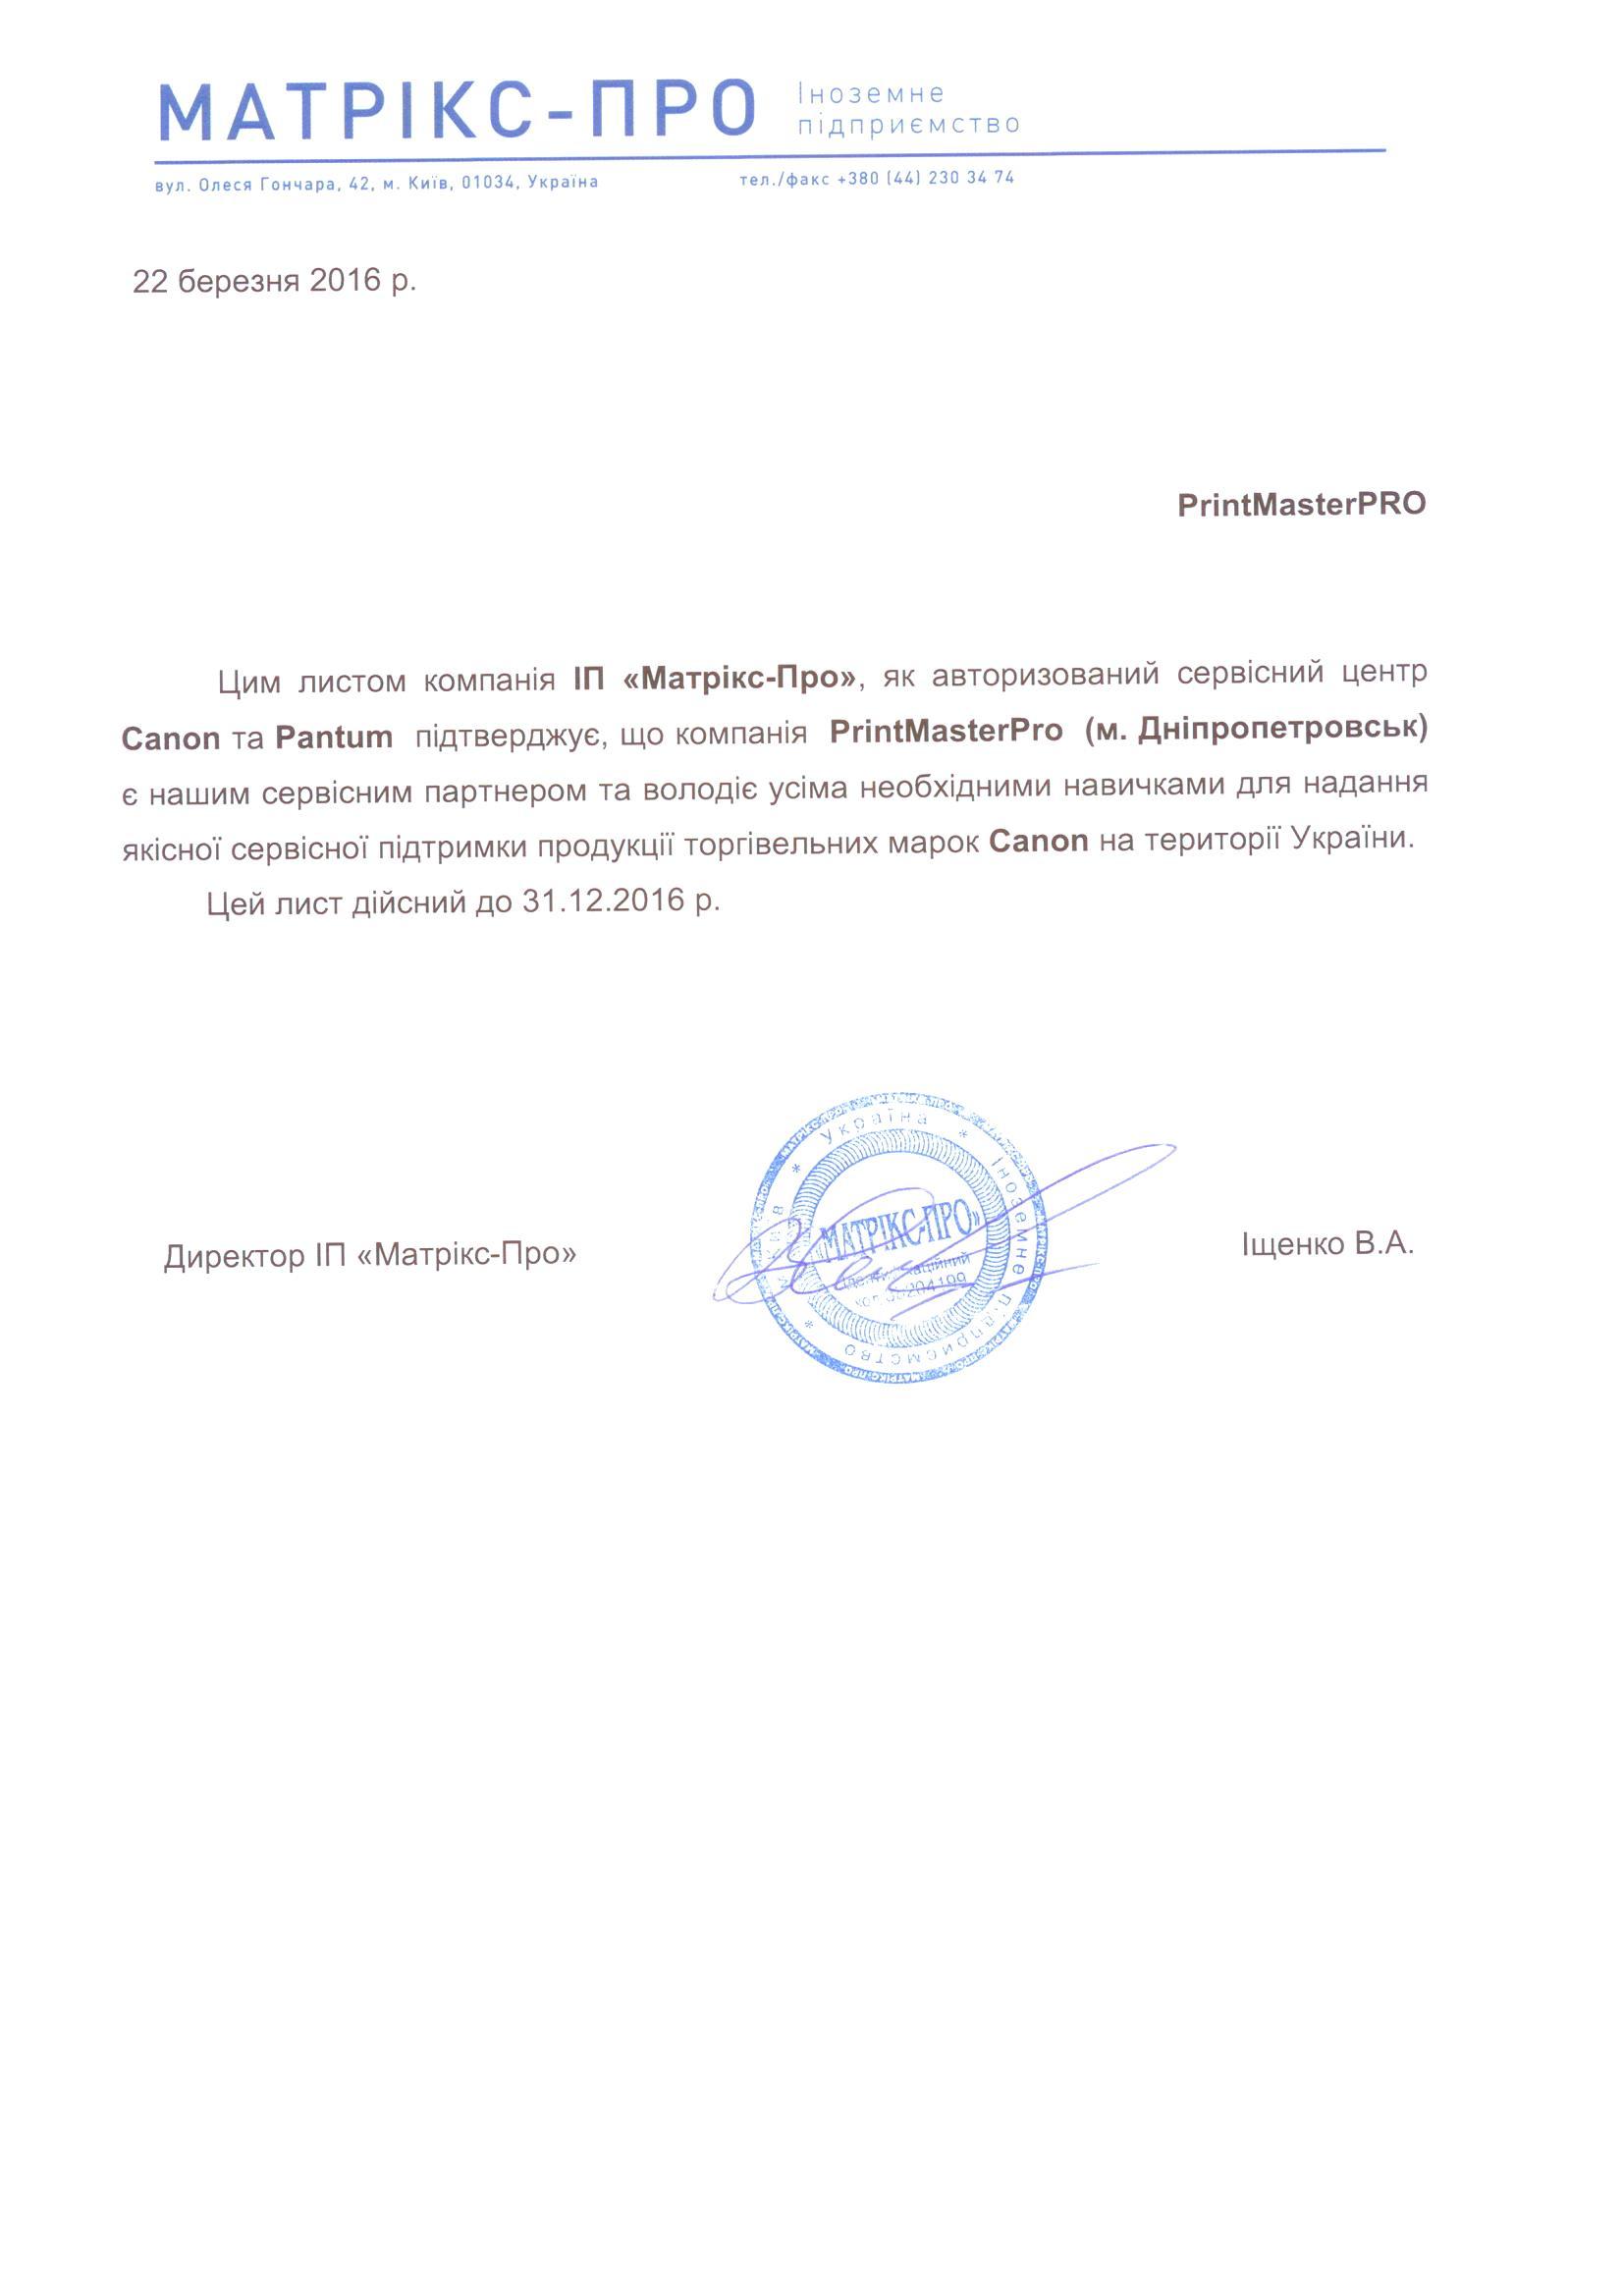 МАТРІКС-ПРО сертификат